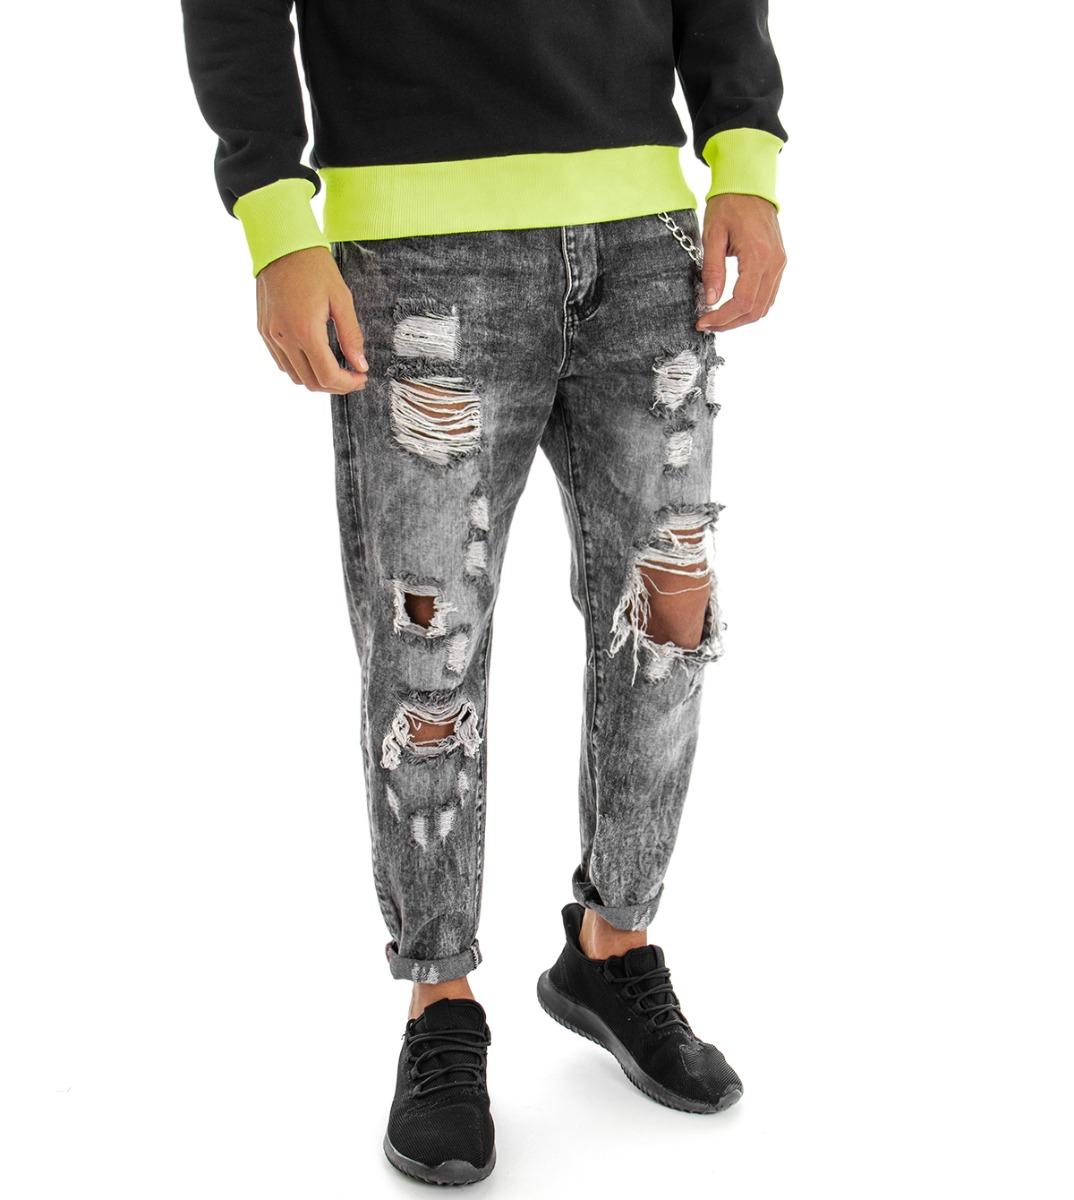 Pantalone-Uomo-Jeans-Grigio-Cinque-Tasche-Rotture-Cavallo-Basso-Strappato-Reg miniatura 4